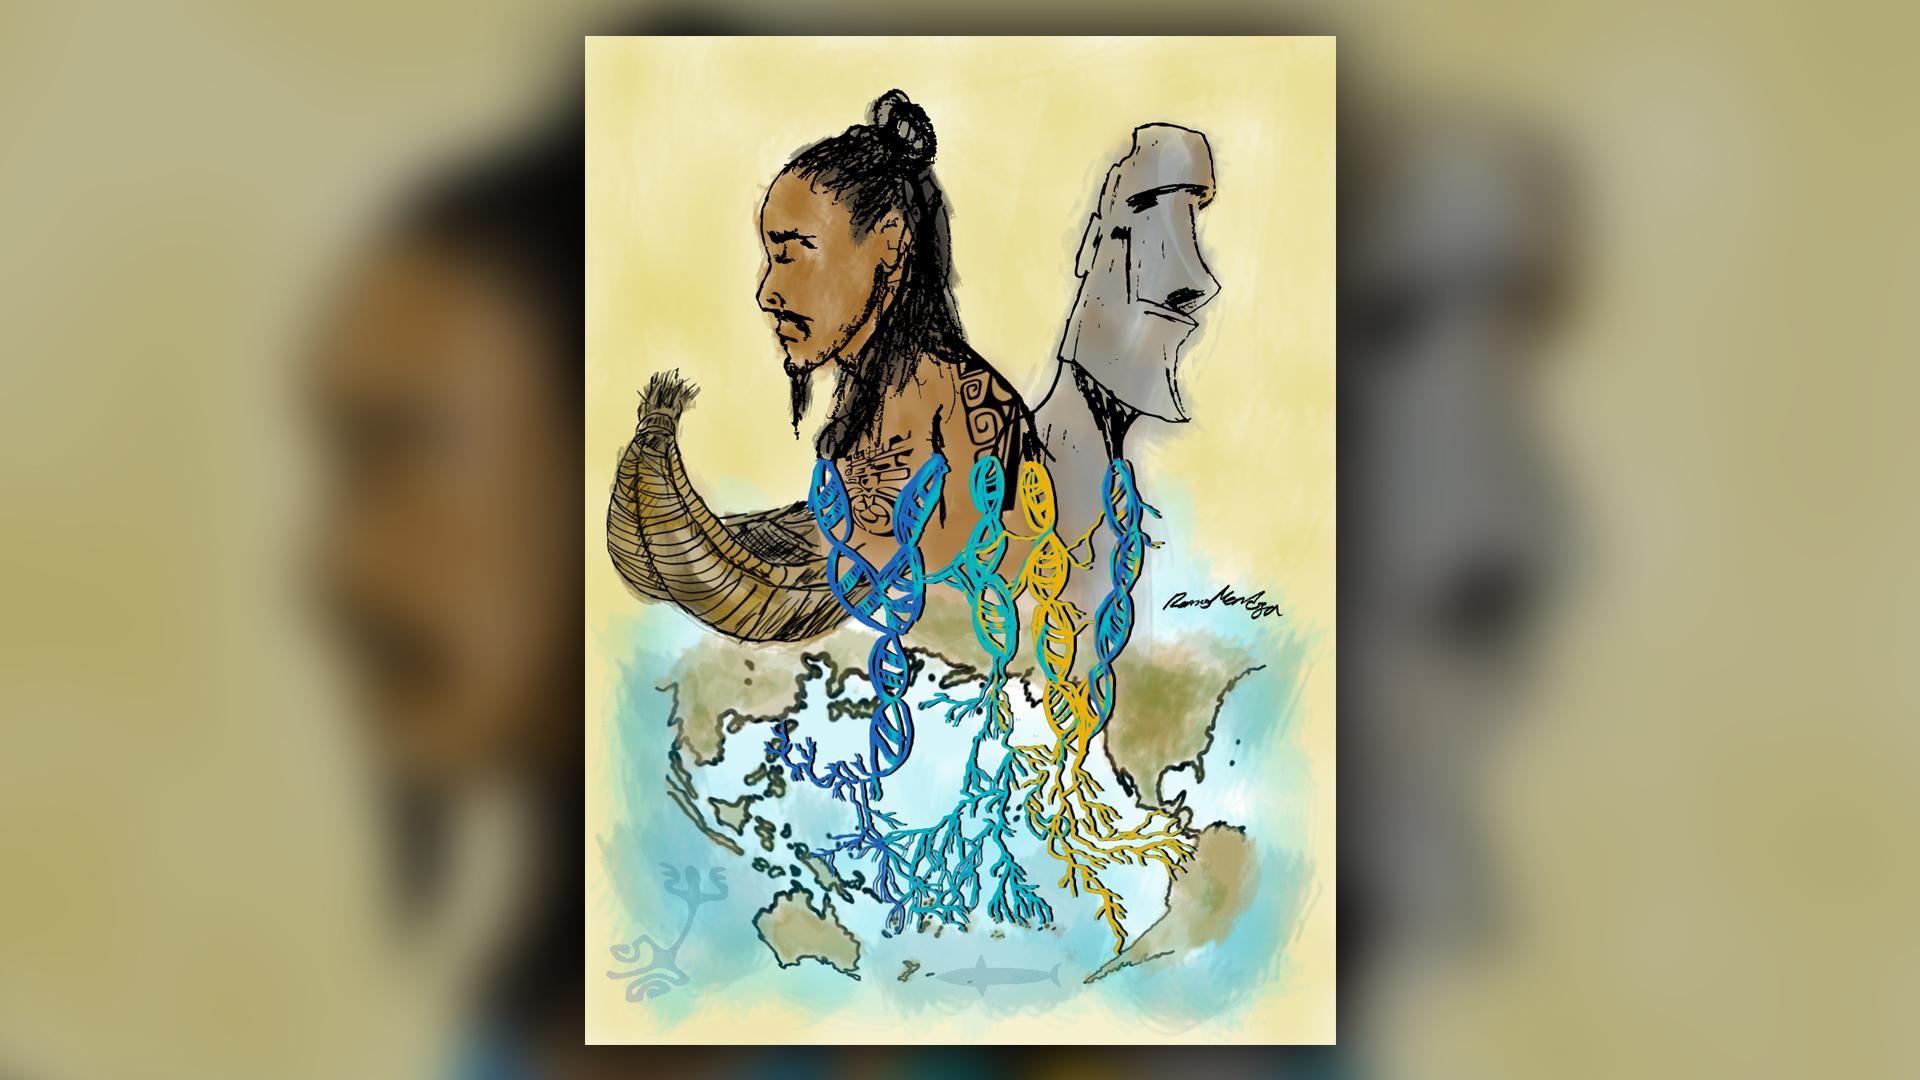 Bien que l'on ne sache toujours pas si les Polynésiens ont visité l'Amérique du Sud ou les Sud-Américains ont visité la Polynésie, une chose est certaine;  Certains Polynésiens ont une signature génétique indiquant que leurs ancêtres se sont associés à des peuples autochtones de Colombie il y a des centaines d'années.